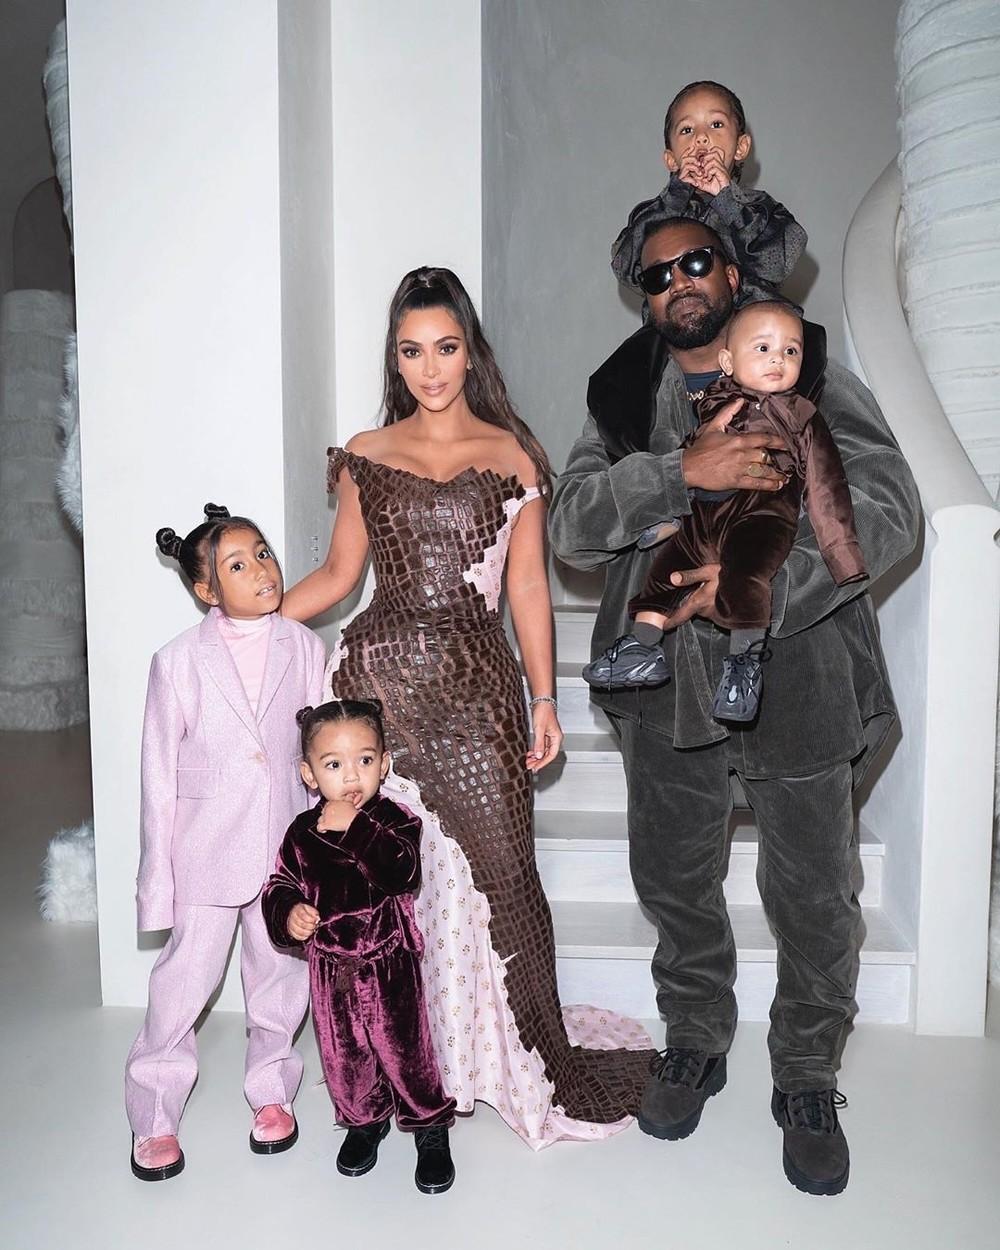 Las herederas del clan Kardashian arrasan en redes sociales